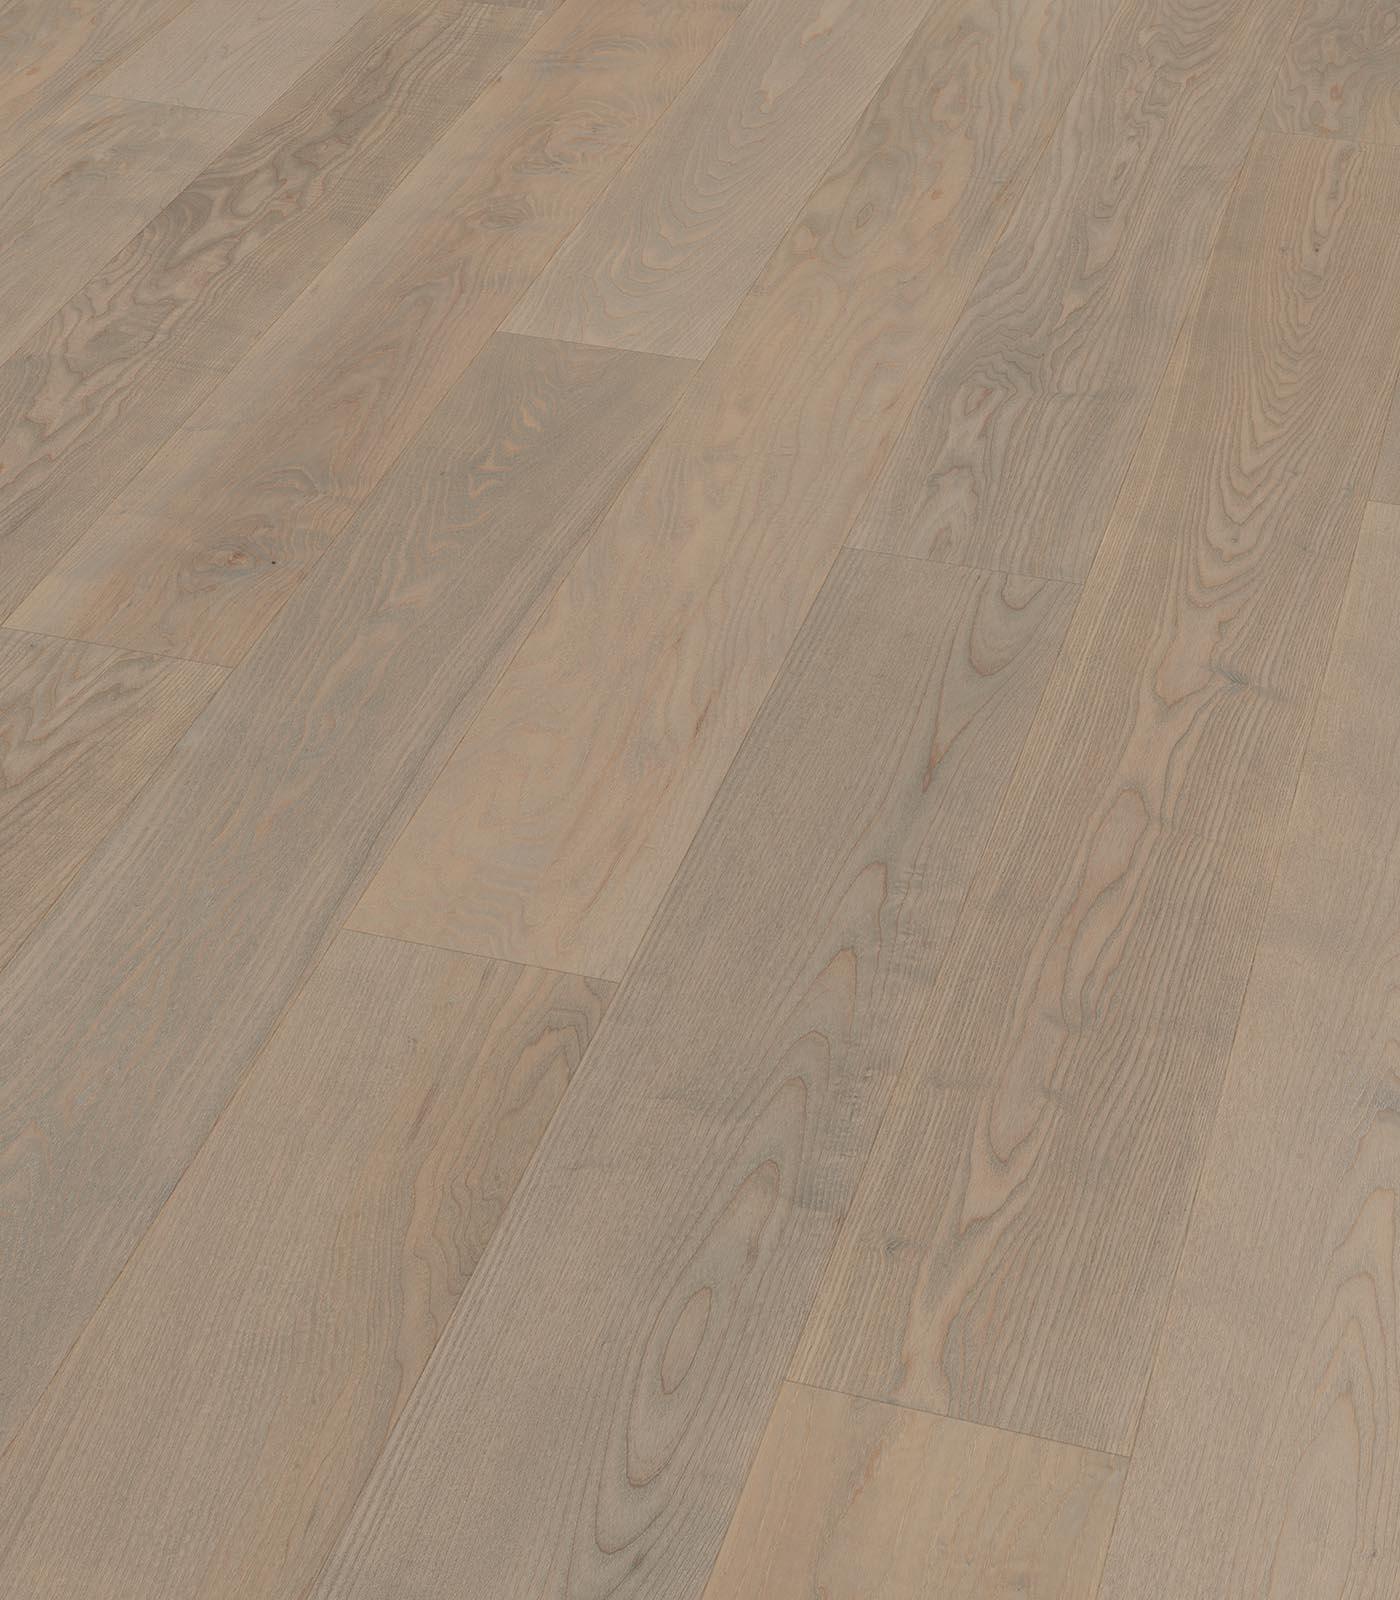 Paris-After Oak Collection-European Ash floors - angle